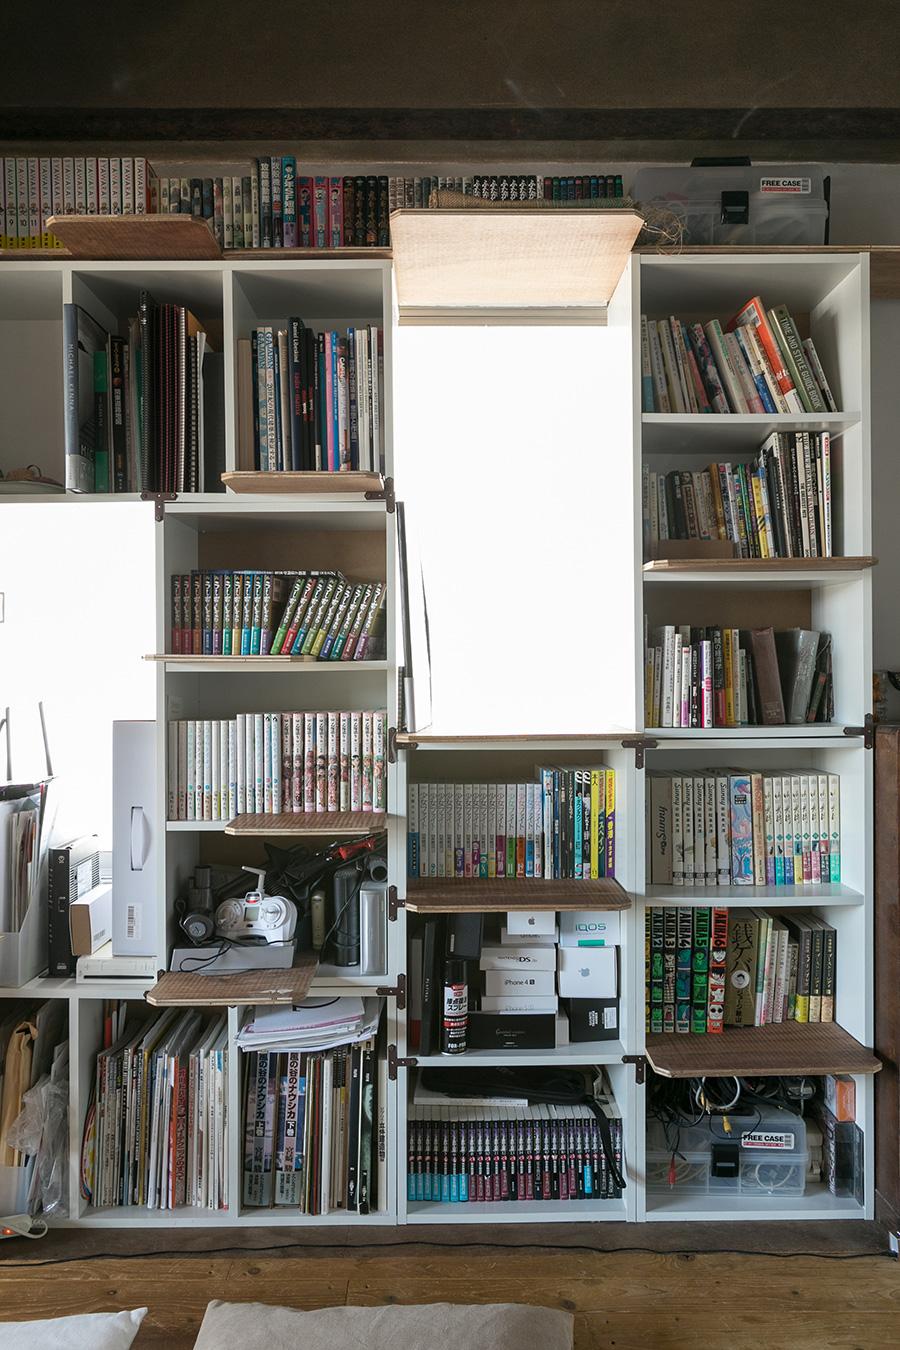 壁面の本棚に合板をプラスして、猫が運動できるようにした。